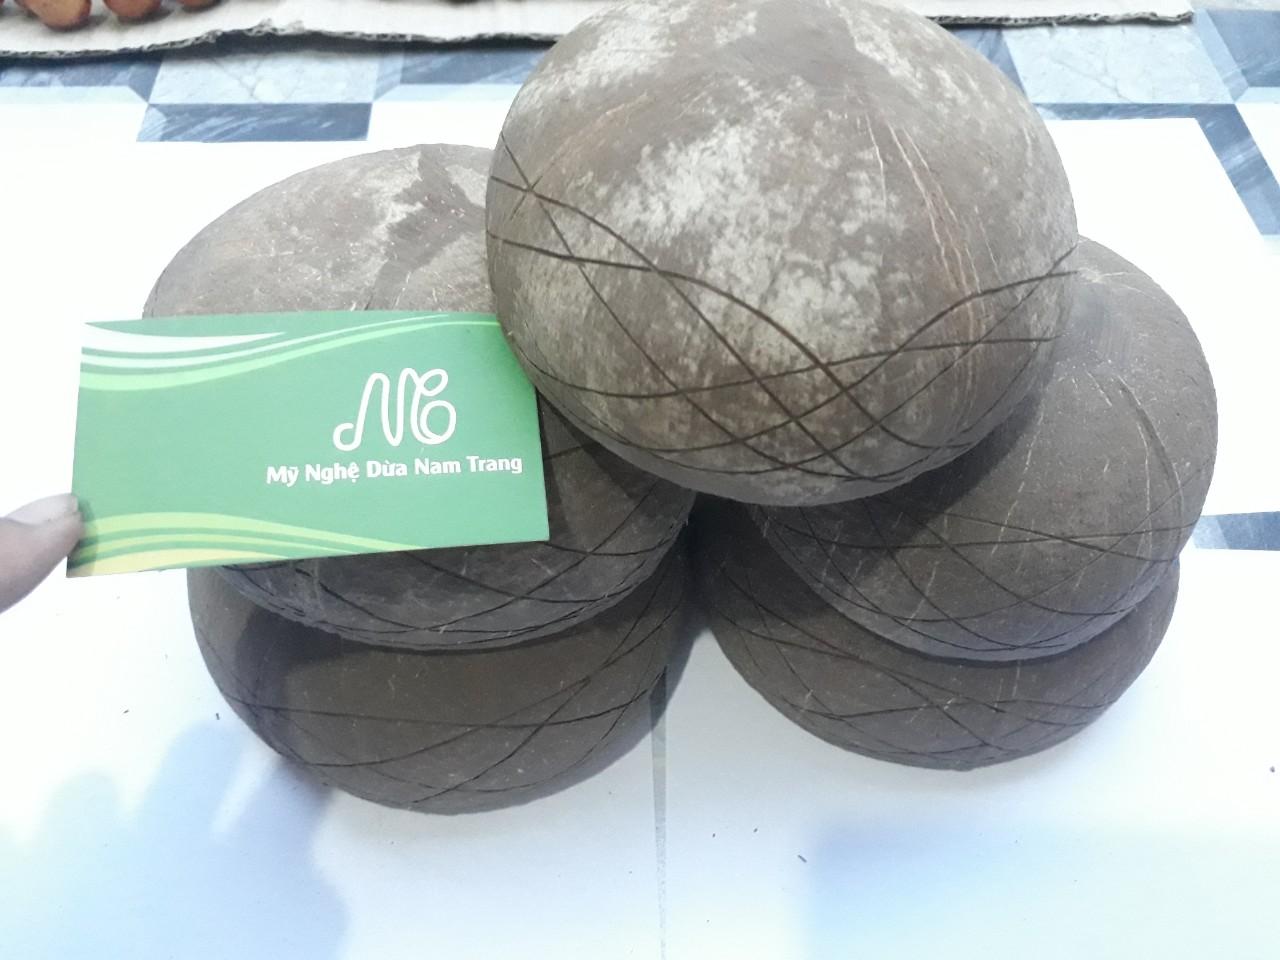 Tô gáo dừa K18 - Mỹ Nghệ Dừa Nam Trang